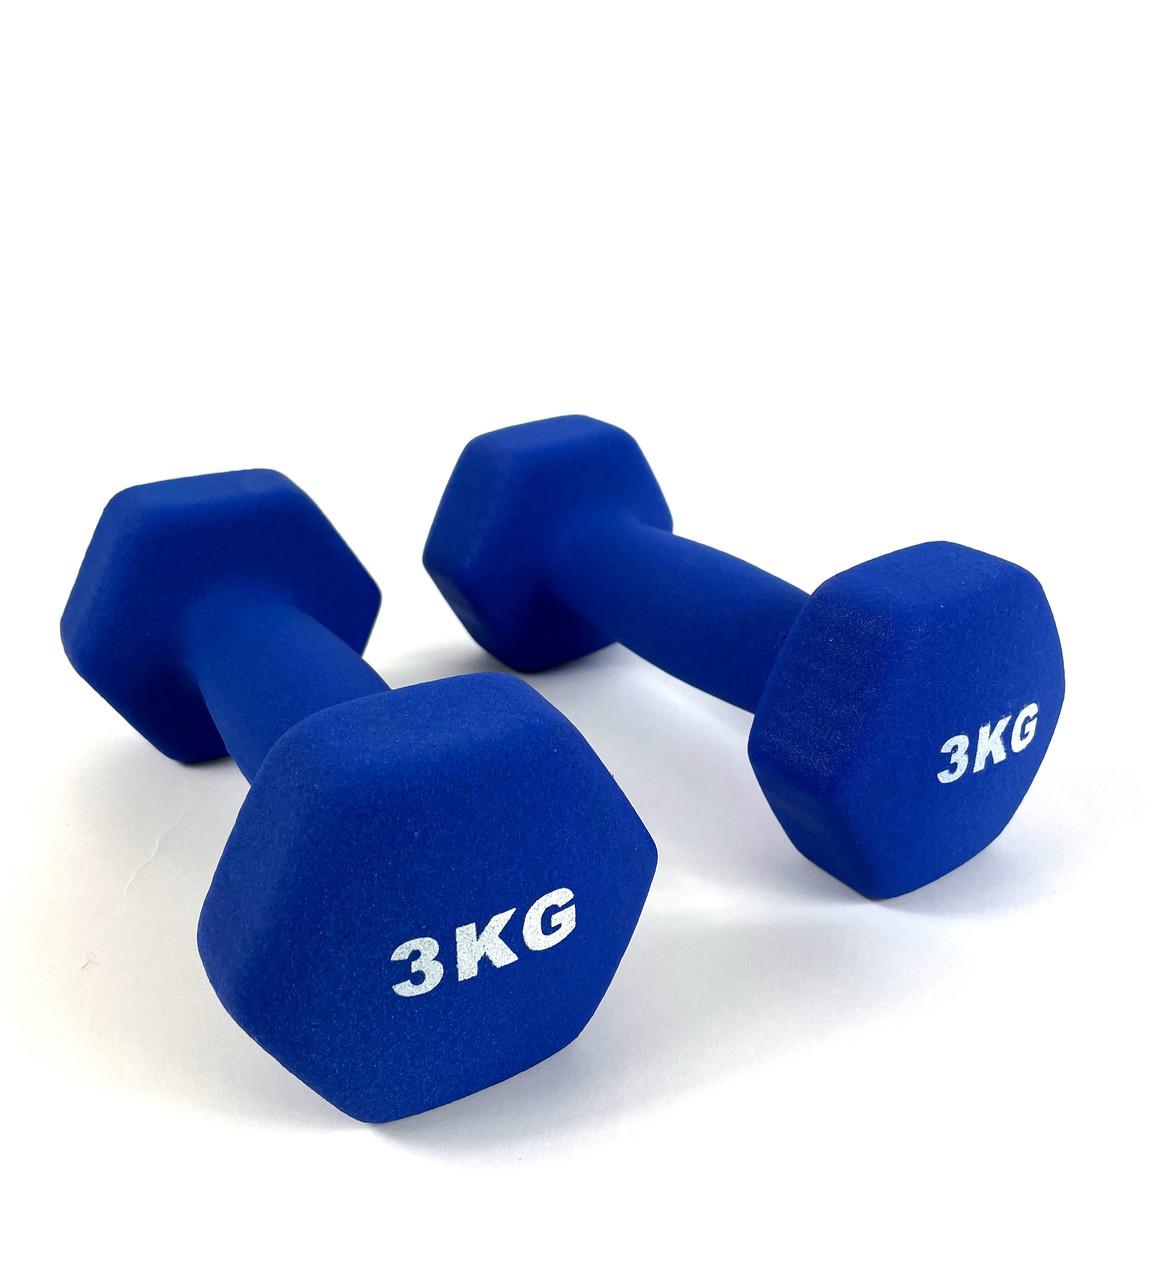 Гантелі для фітнесу NEO-SPORT 3 кг. x 2 шт., метал з вініловим покриттям Сині